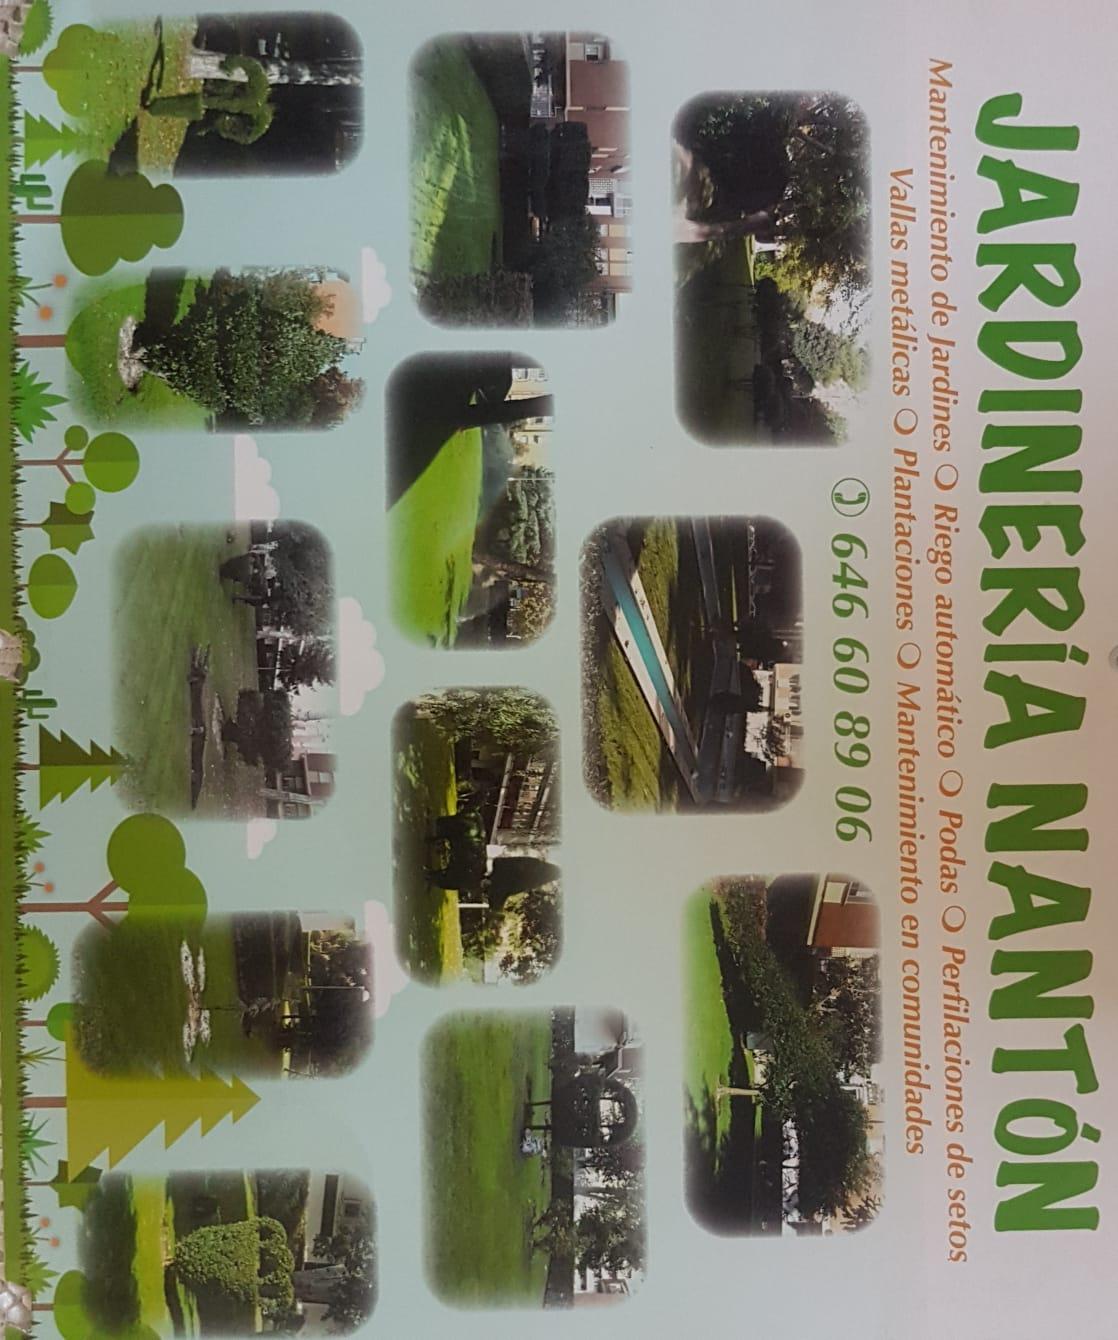 Jardinería Nantón